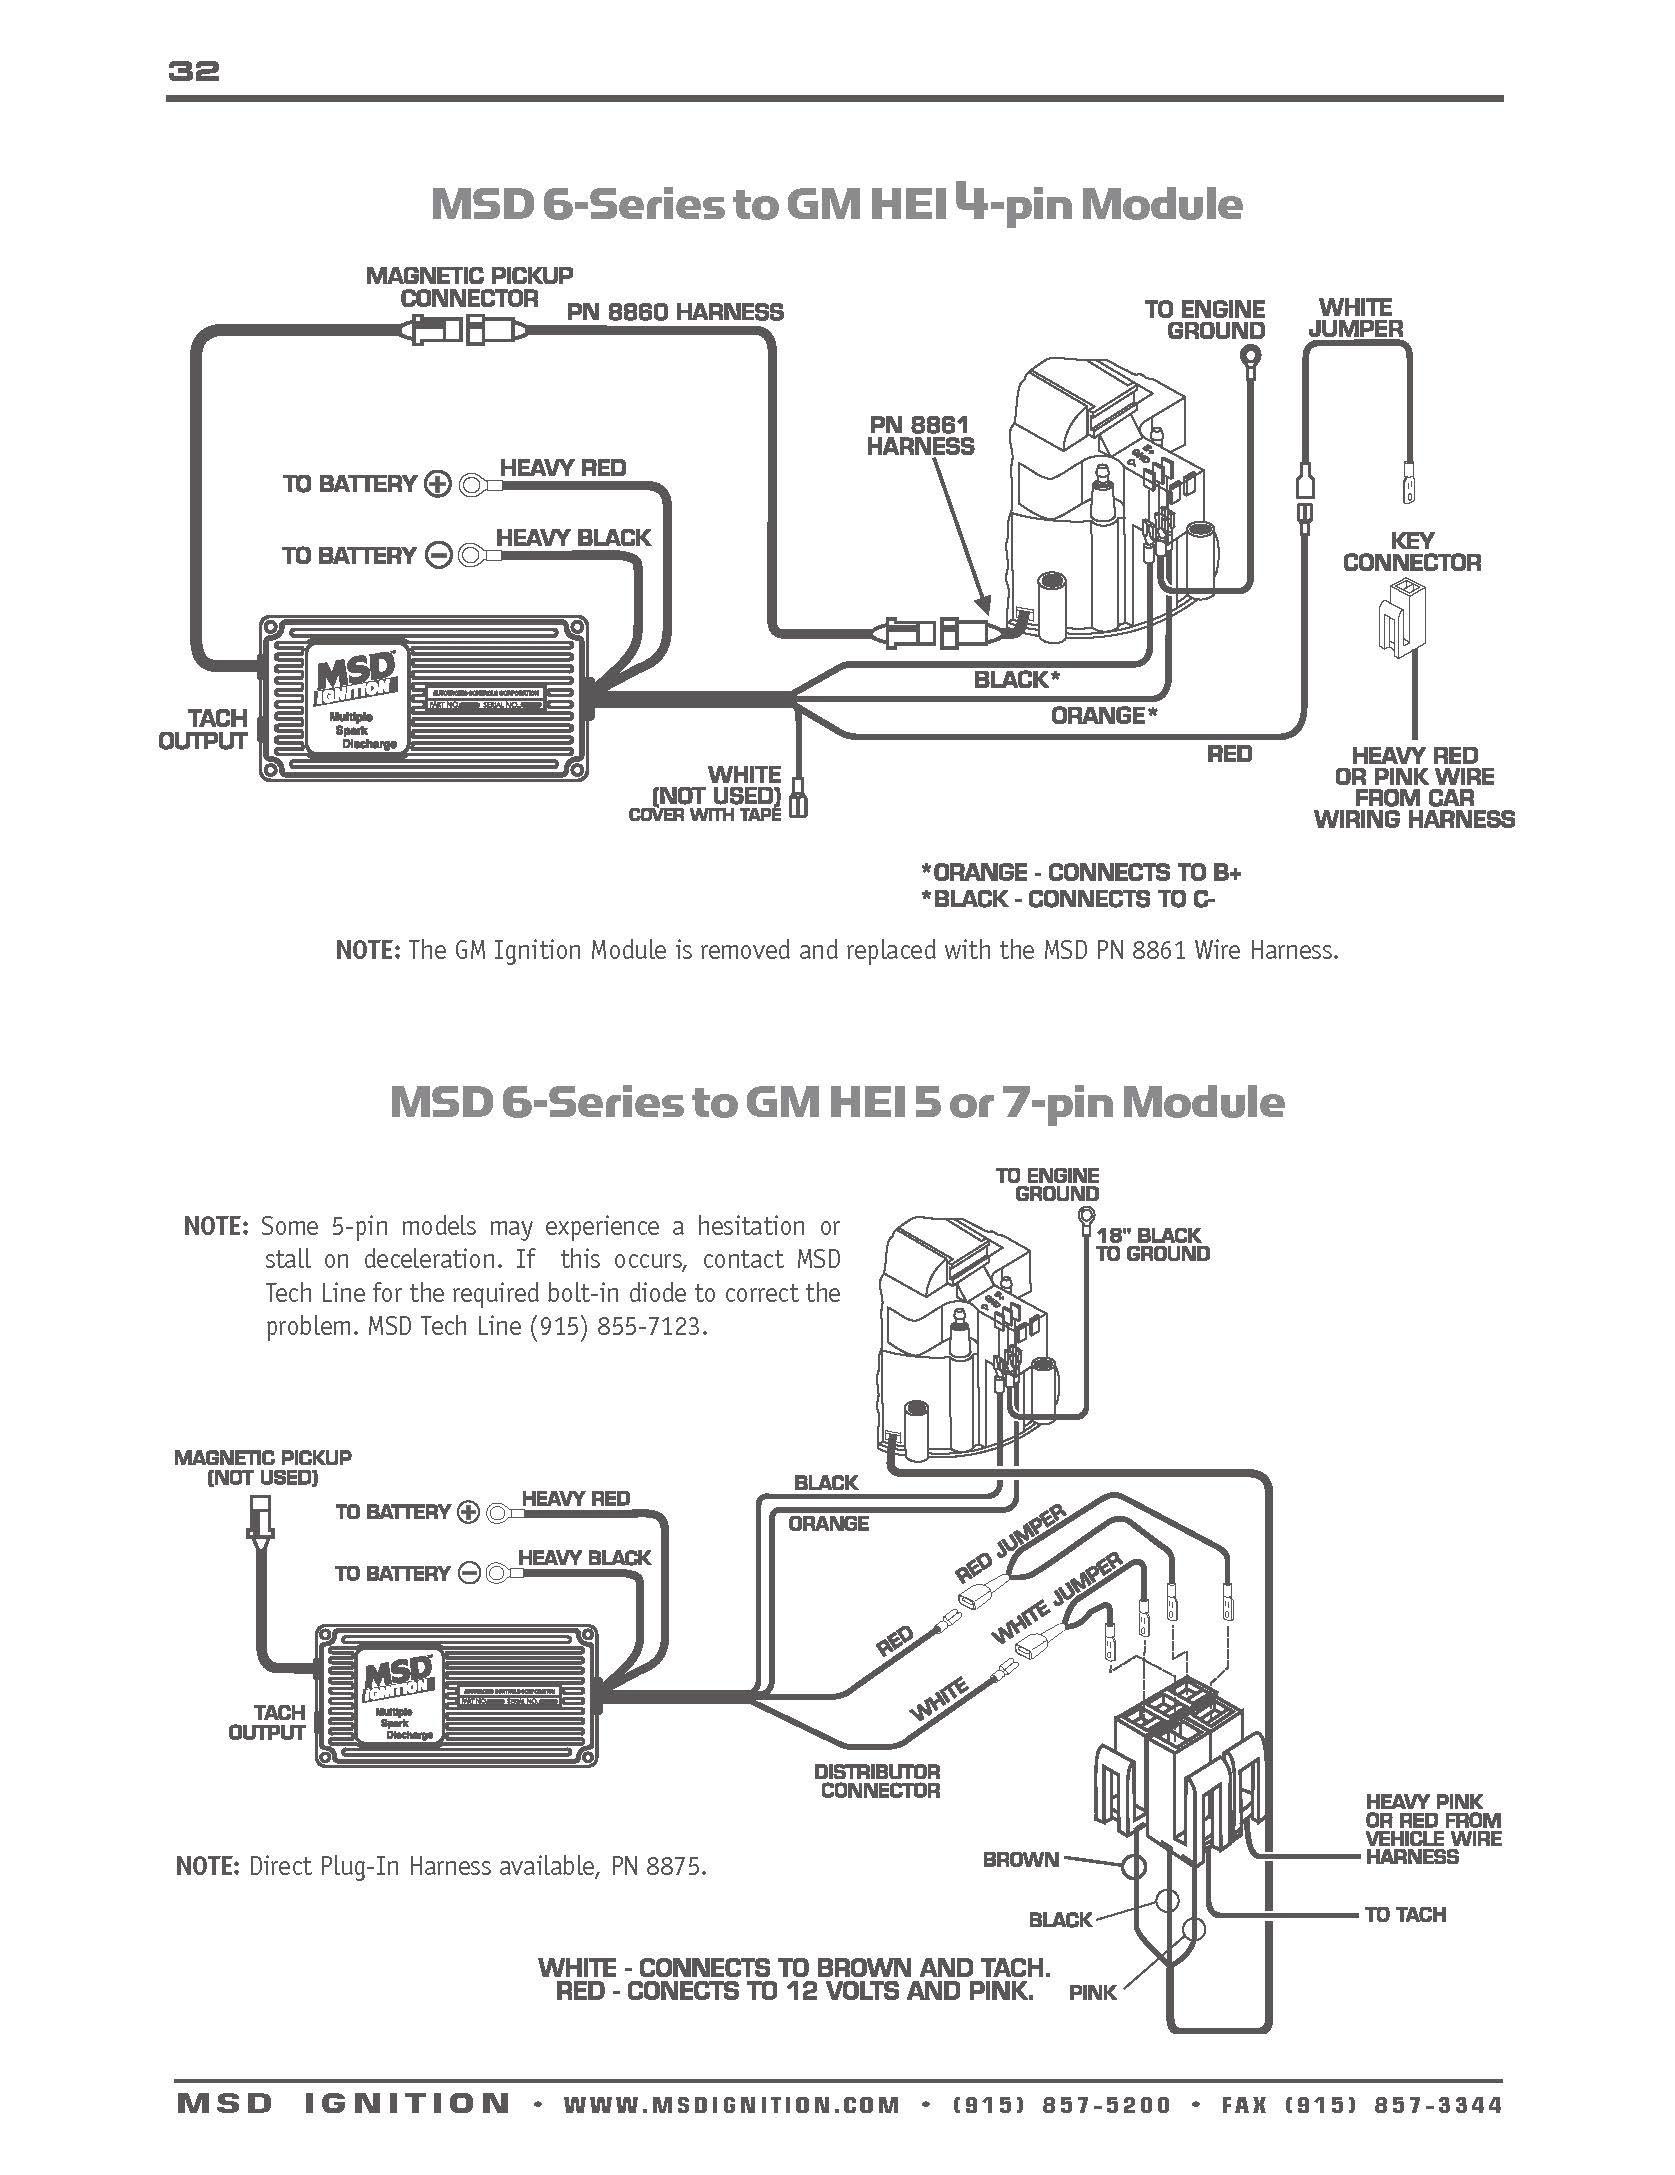 Faze Tach Wiring Diagram from i0.wp.com